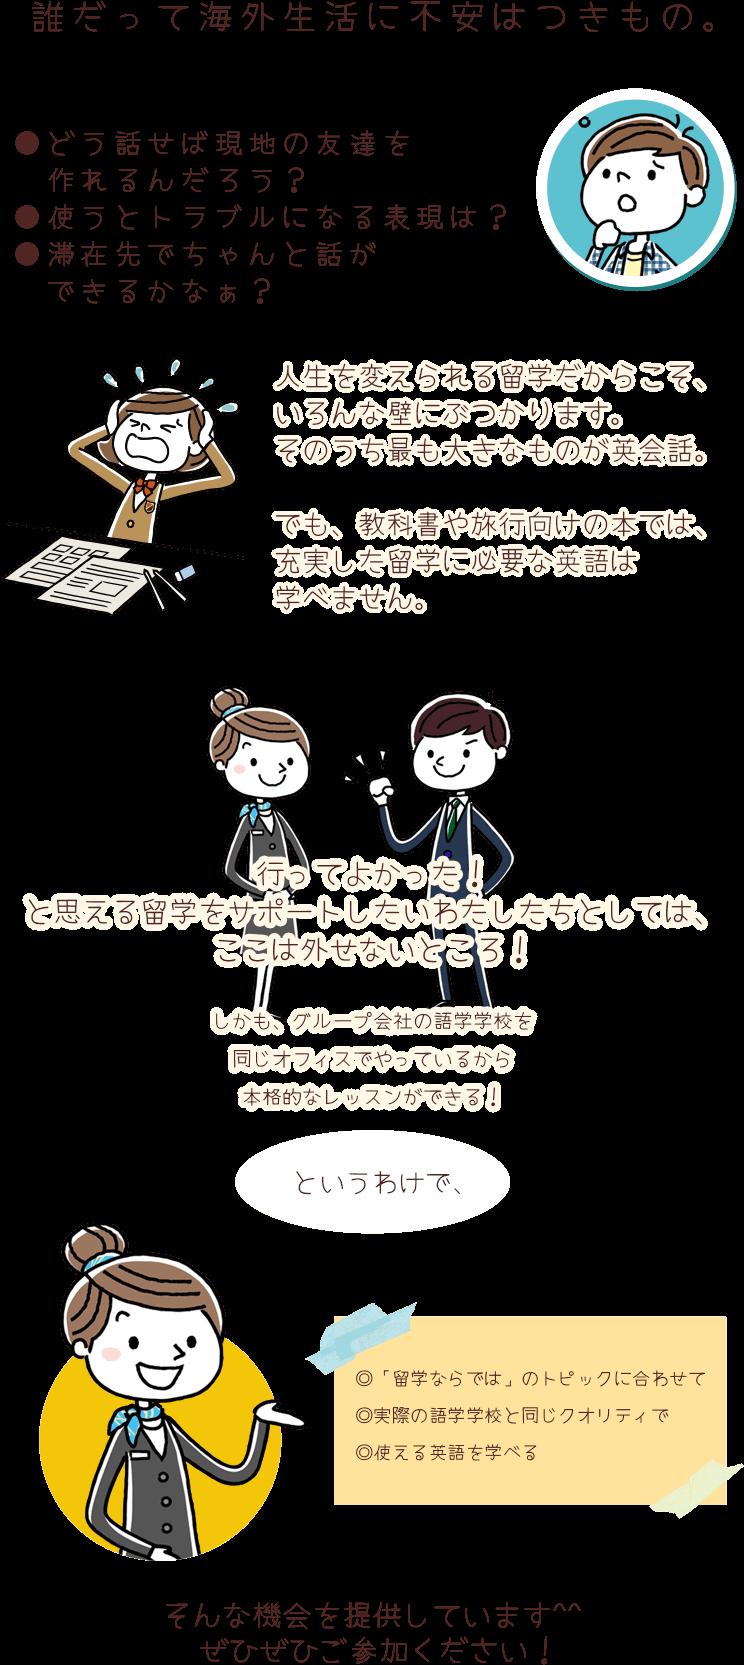 為 英語 の 念